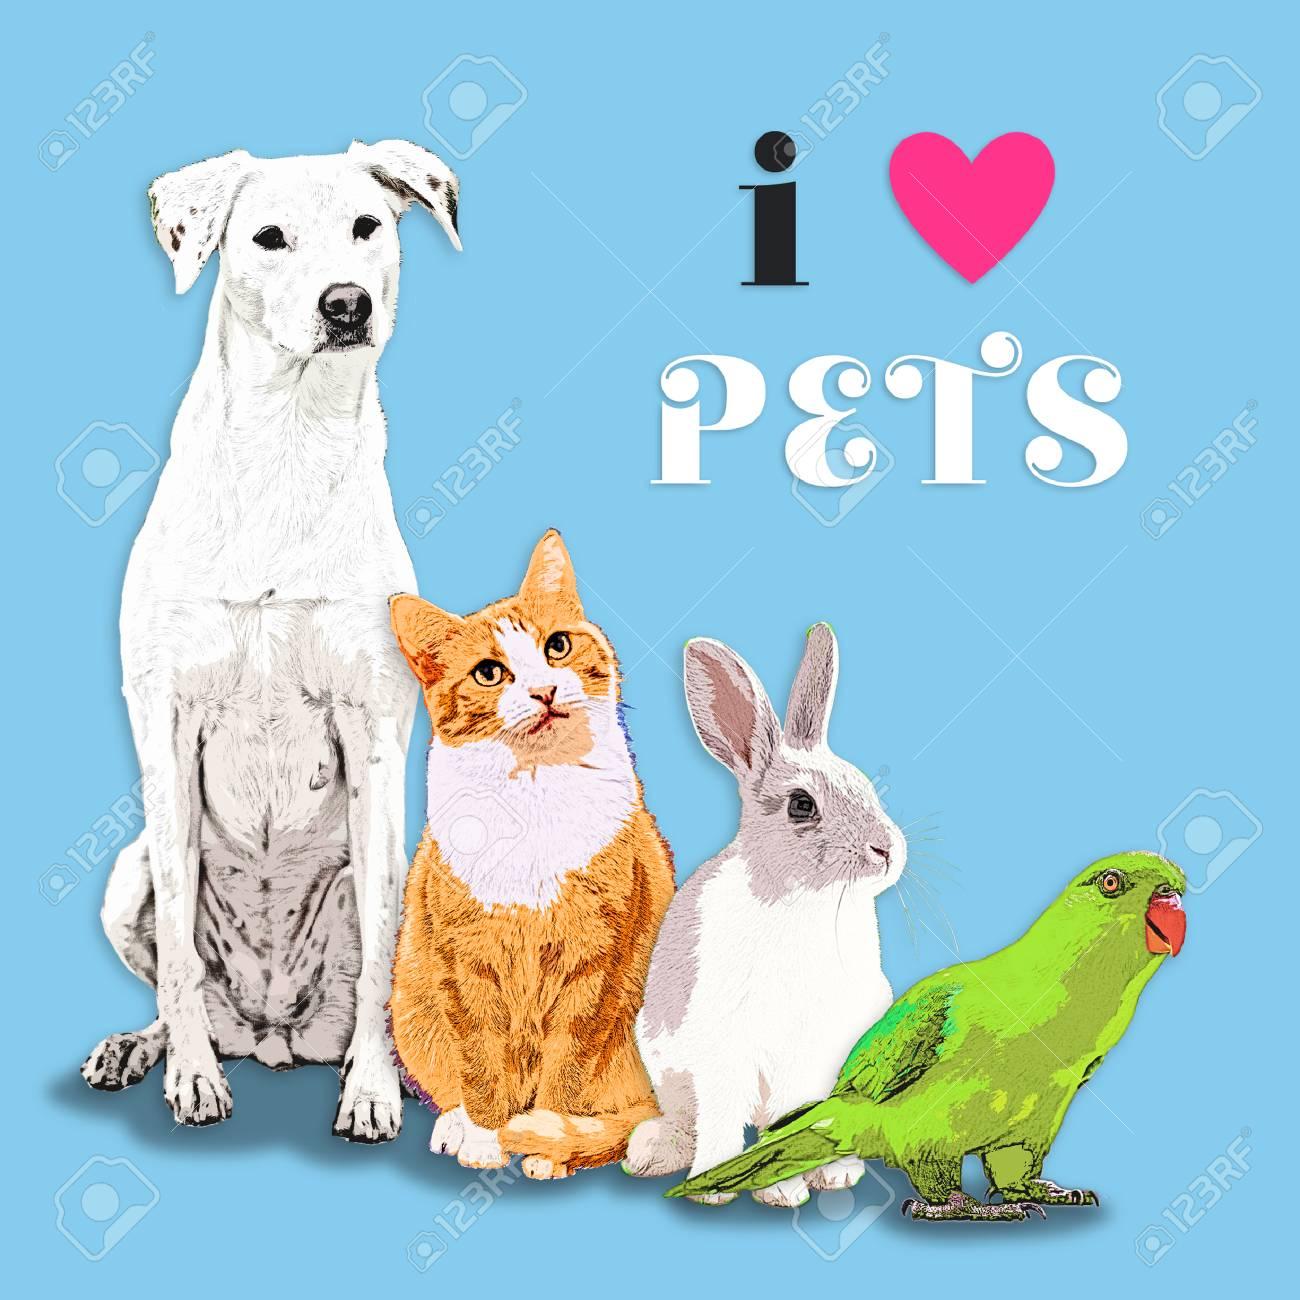 ペット愛好家のための犬猫うさぎオウムのイラスト の写真素材